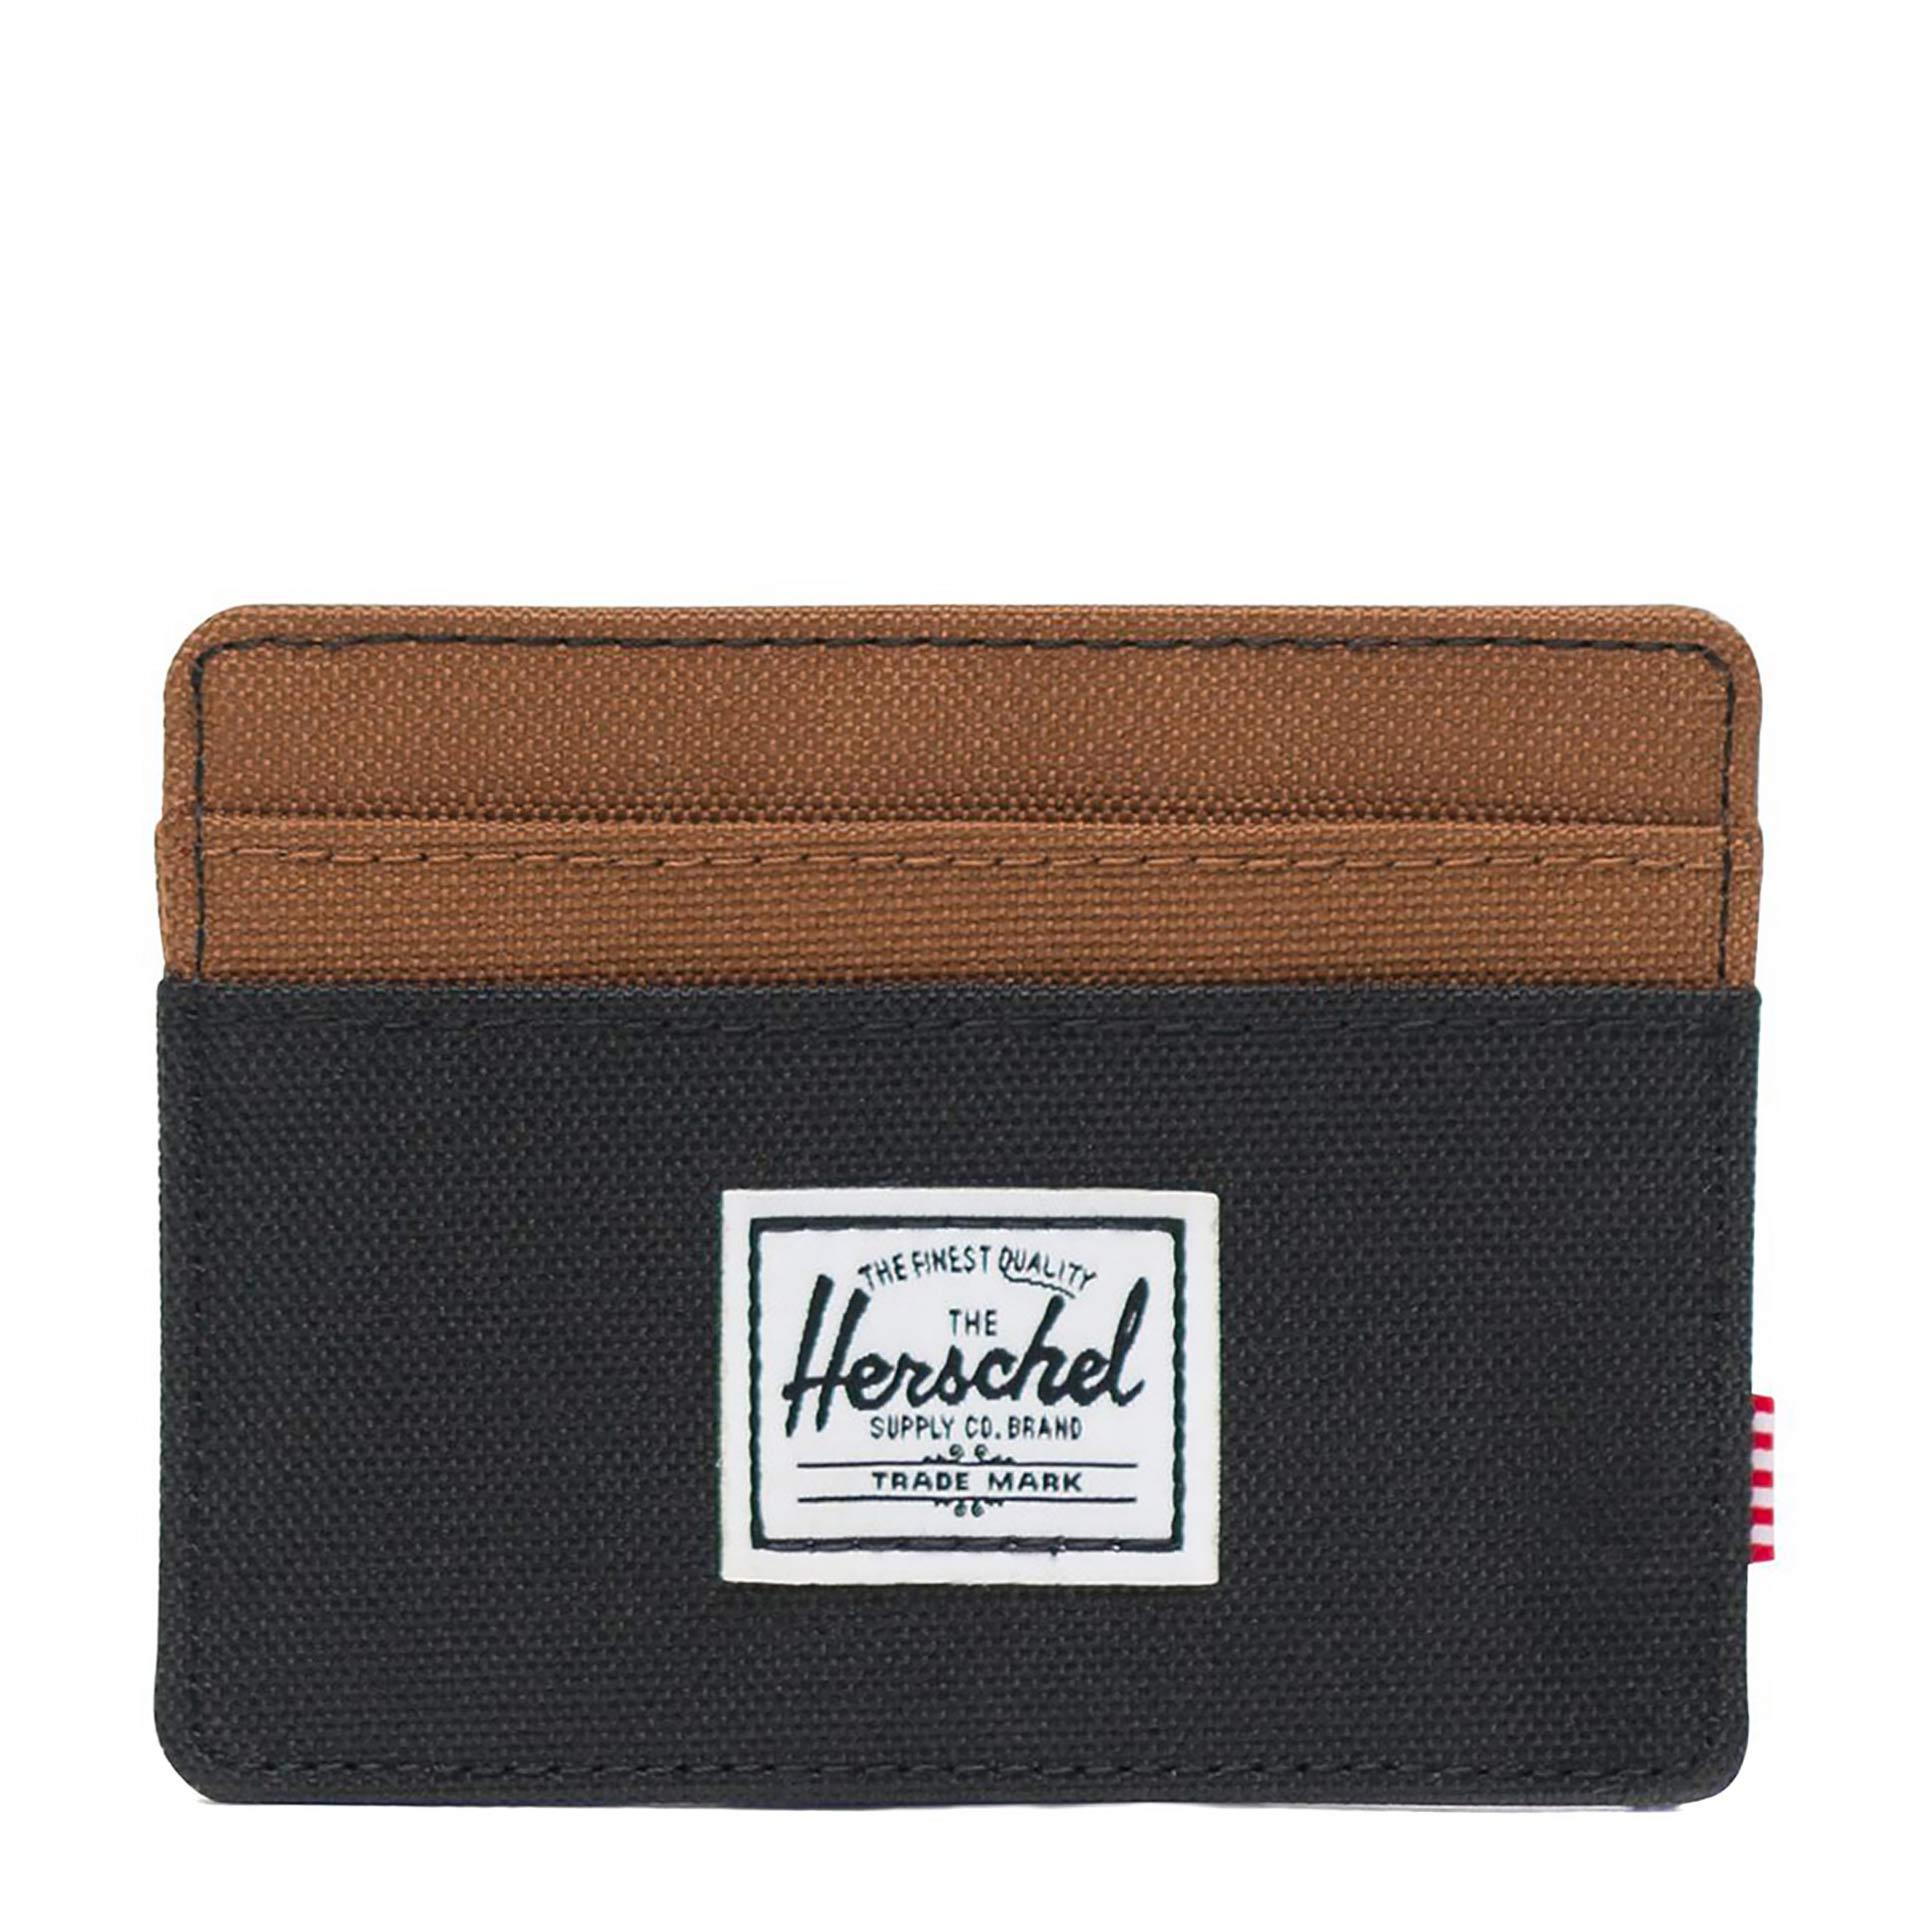 Herschel Charlie Geldbörse black/saddle brown